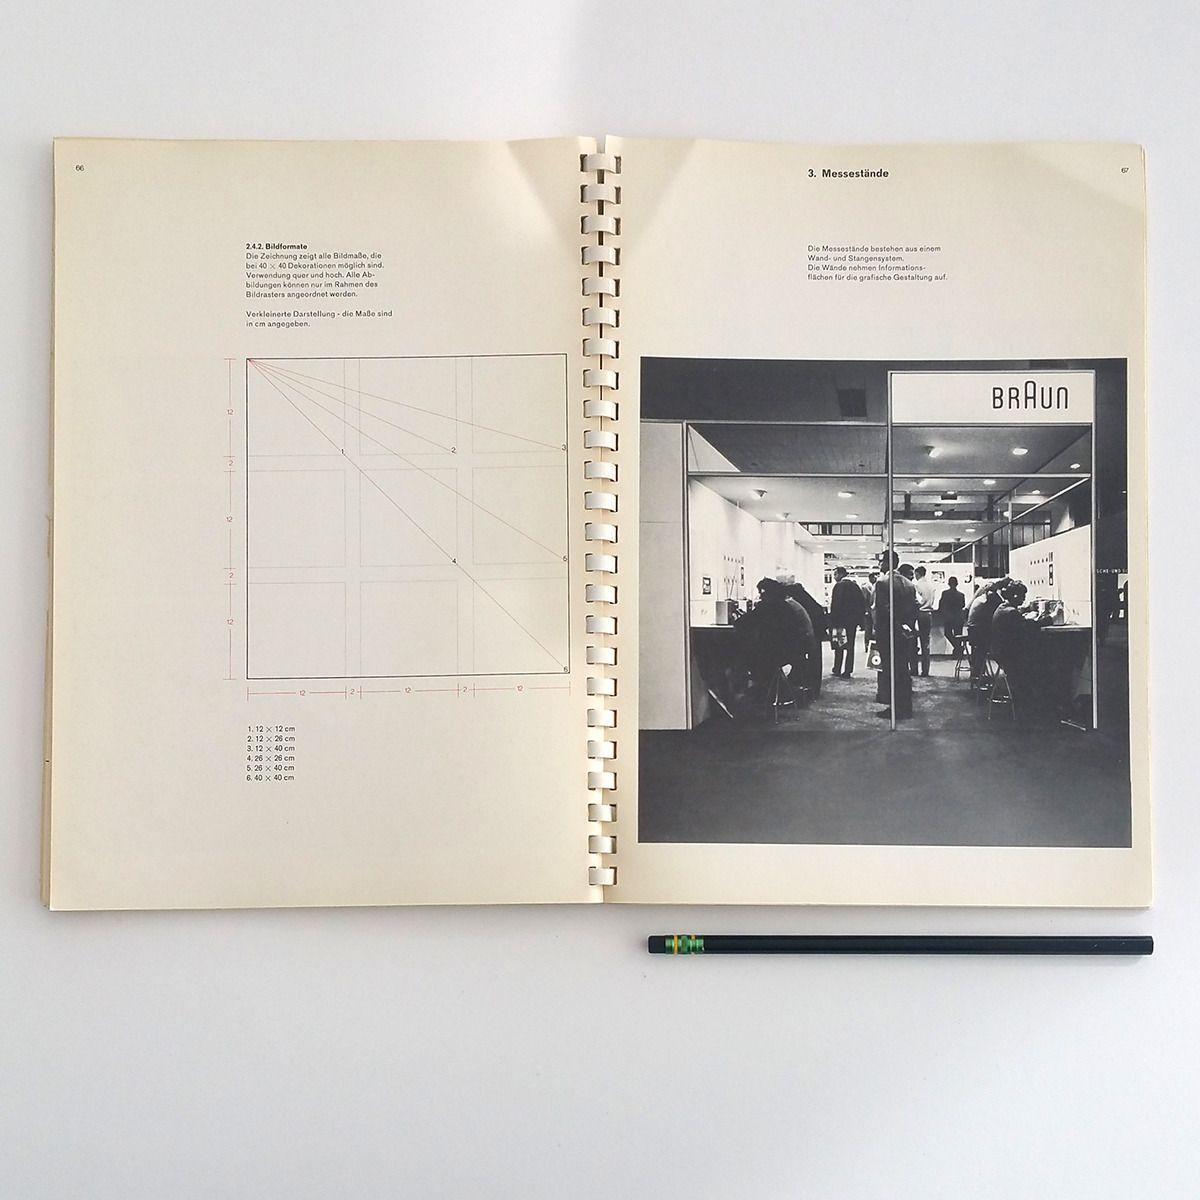 Ziemlich 28 X 24 Rahmen Bilder - Benutzerdefinierte Bilderrahmen ...